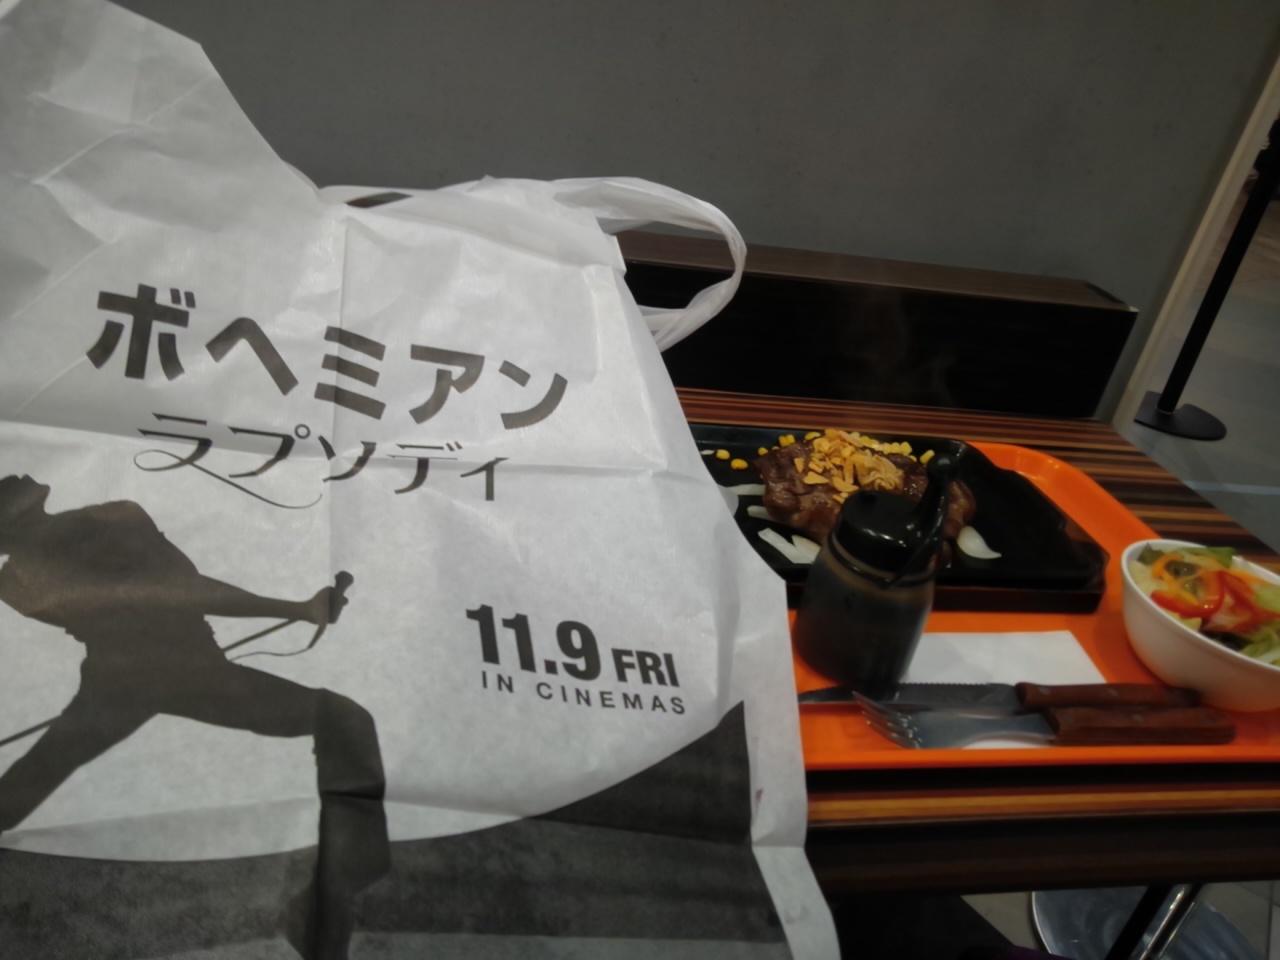 ボヘミアンラプソディー+いきなりステーキ